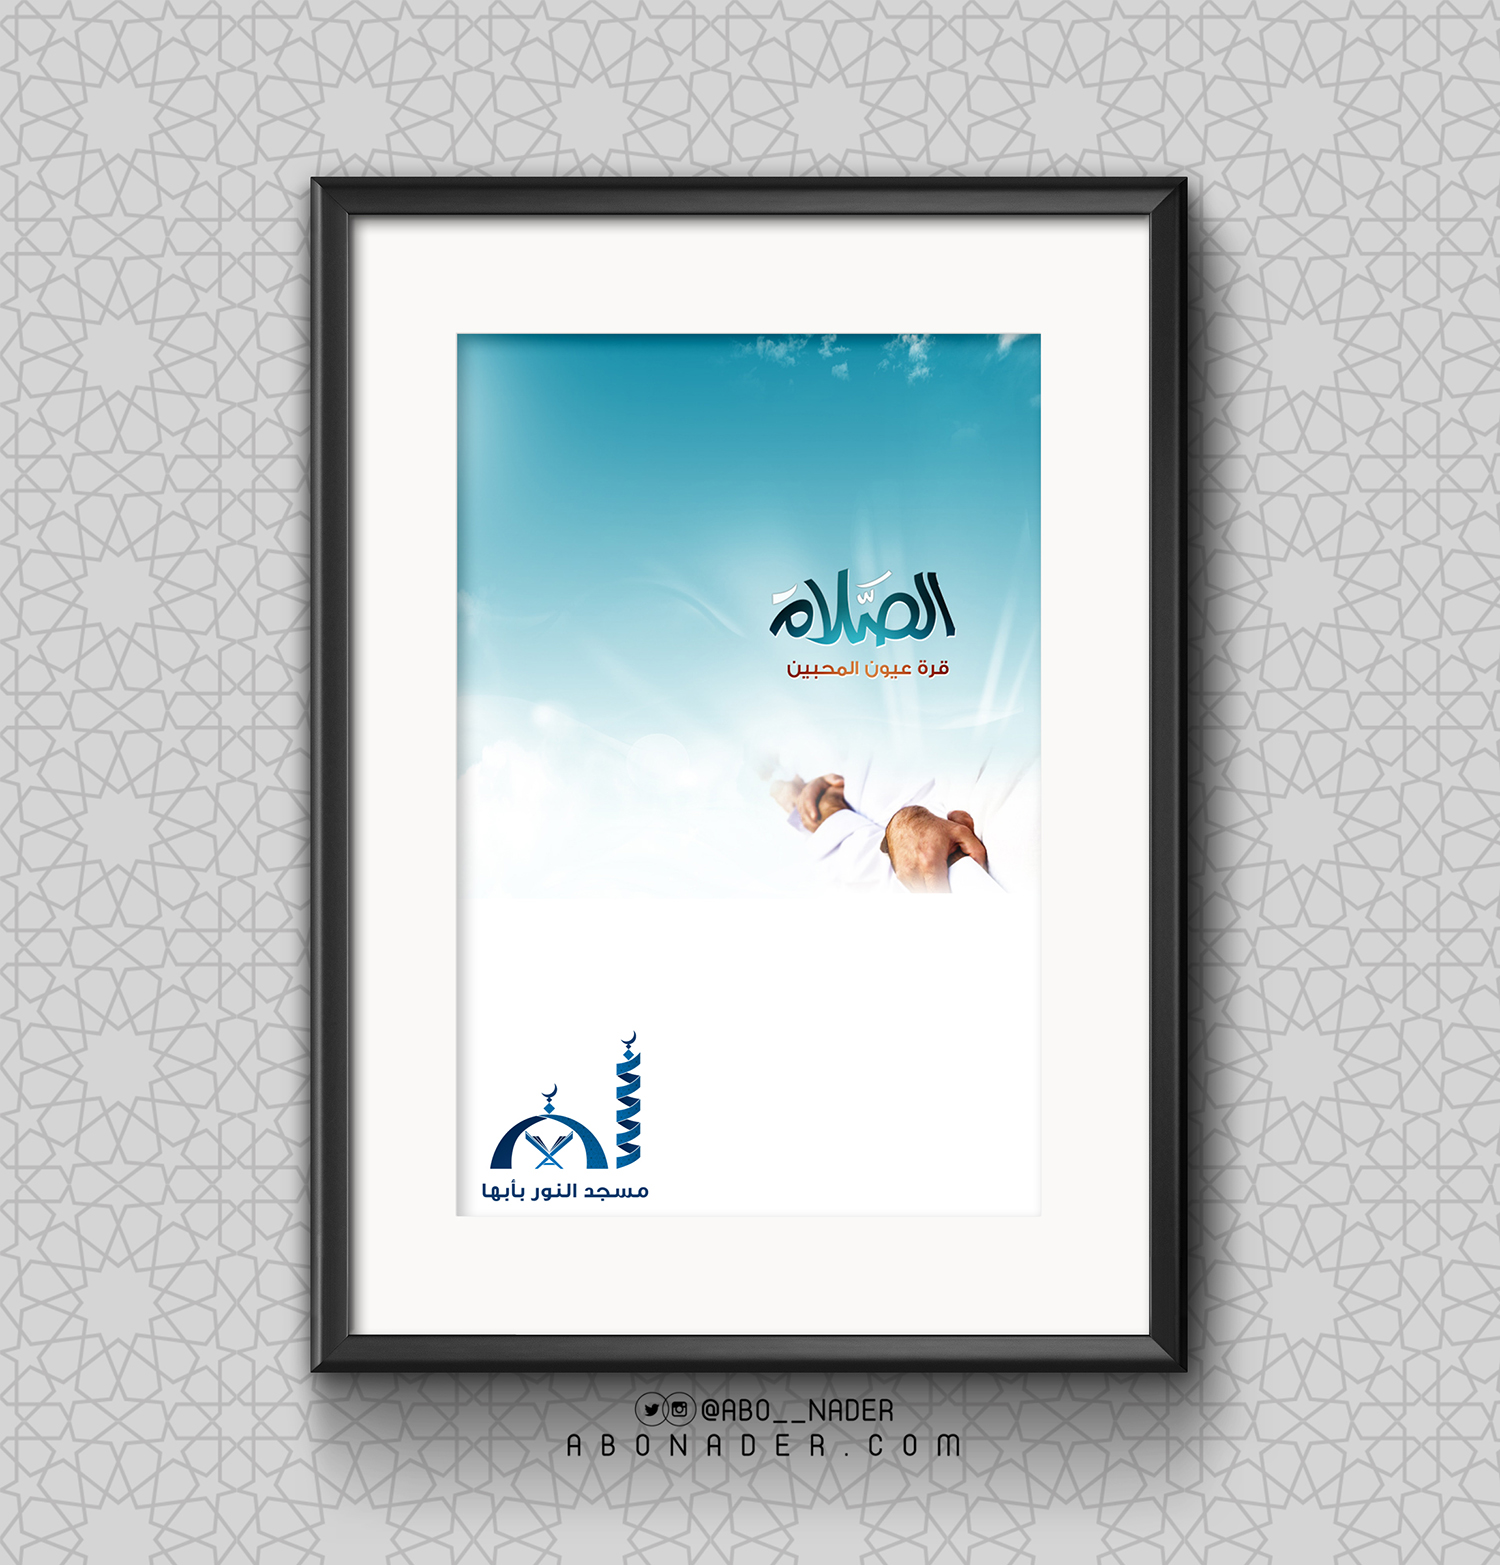 مسجد النور بأبها - لوحة